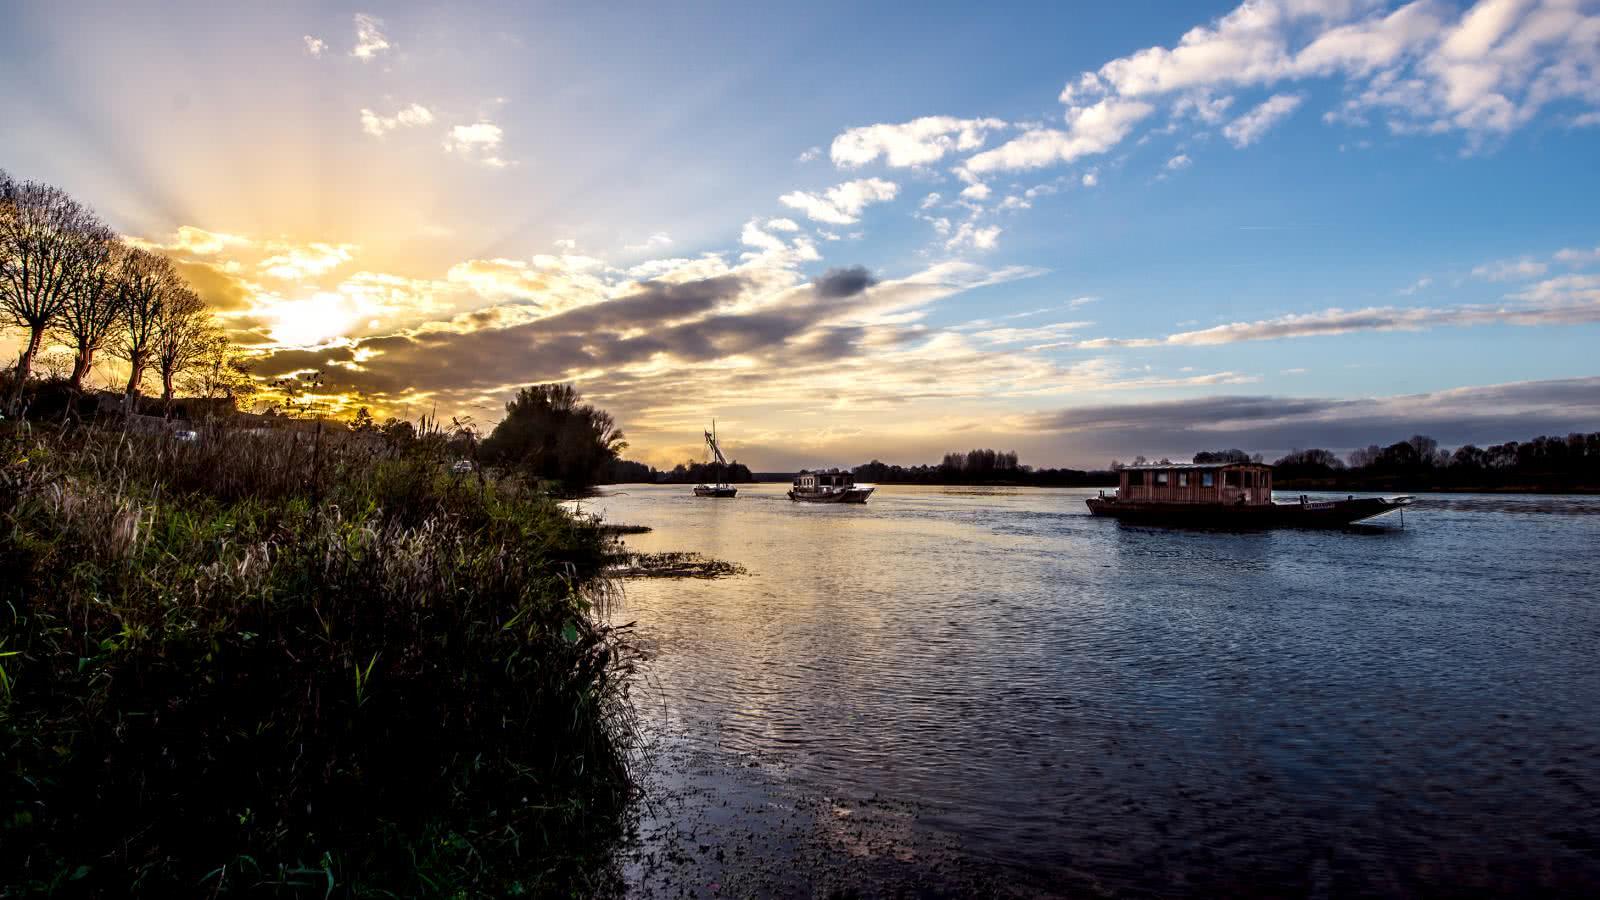 Coucher de soleil à Saint-Dyé-sur-Loire - Vacances nature en Loir-et-Cher ©Alexandre-Roubalay